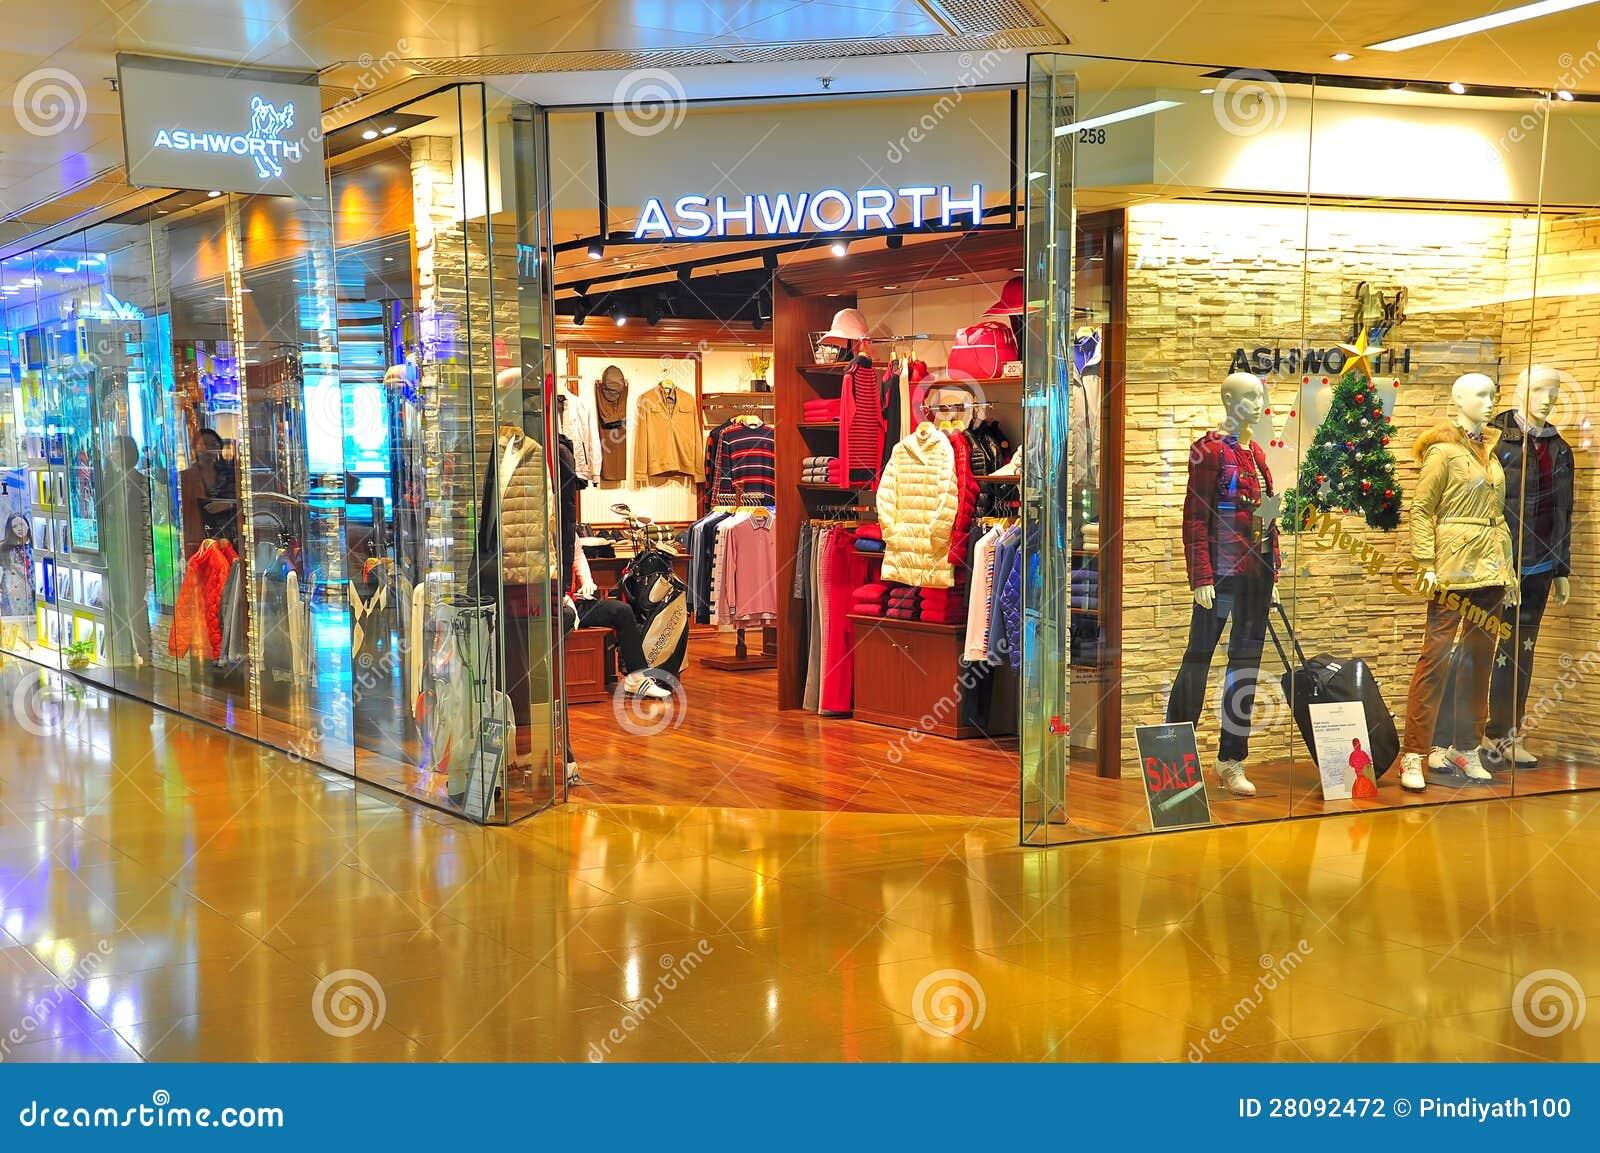 Les plus: la boutique en ligne propose des nouveautés chaque jour et la livraison est gratuite dès 15 euros d'achat. Sur Princesse Boutique vous pouvez trouver un large choix de tee-shirts femme pas cher, jupes, shorts, chemises, tuniques, vestes, tops fashion.